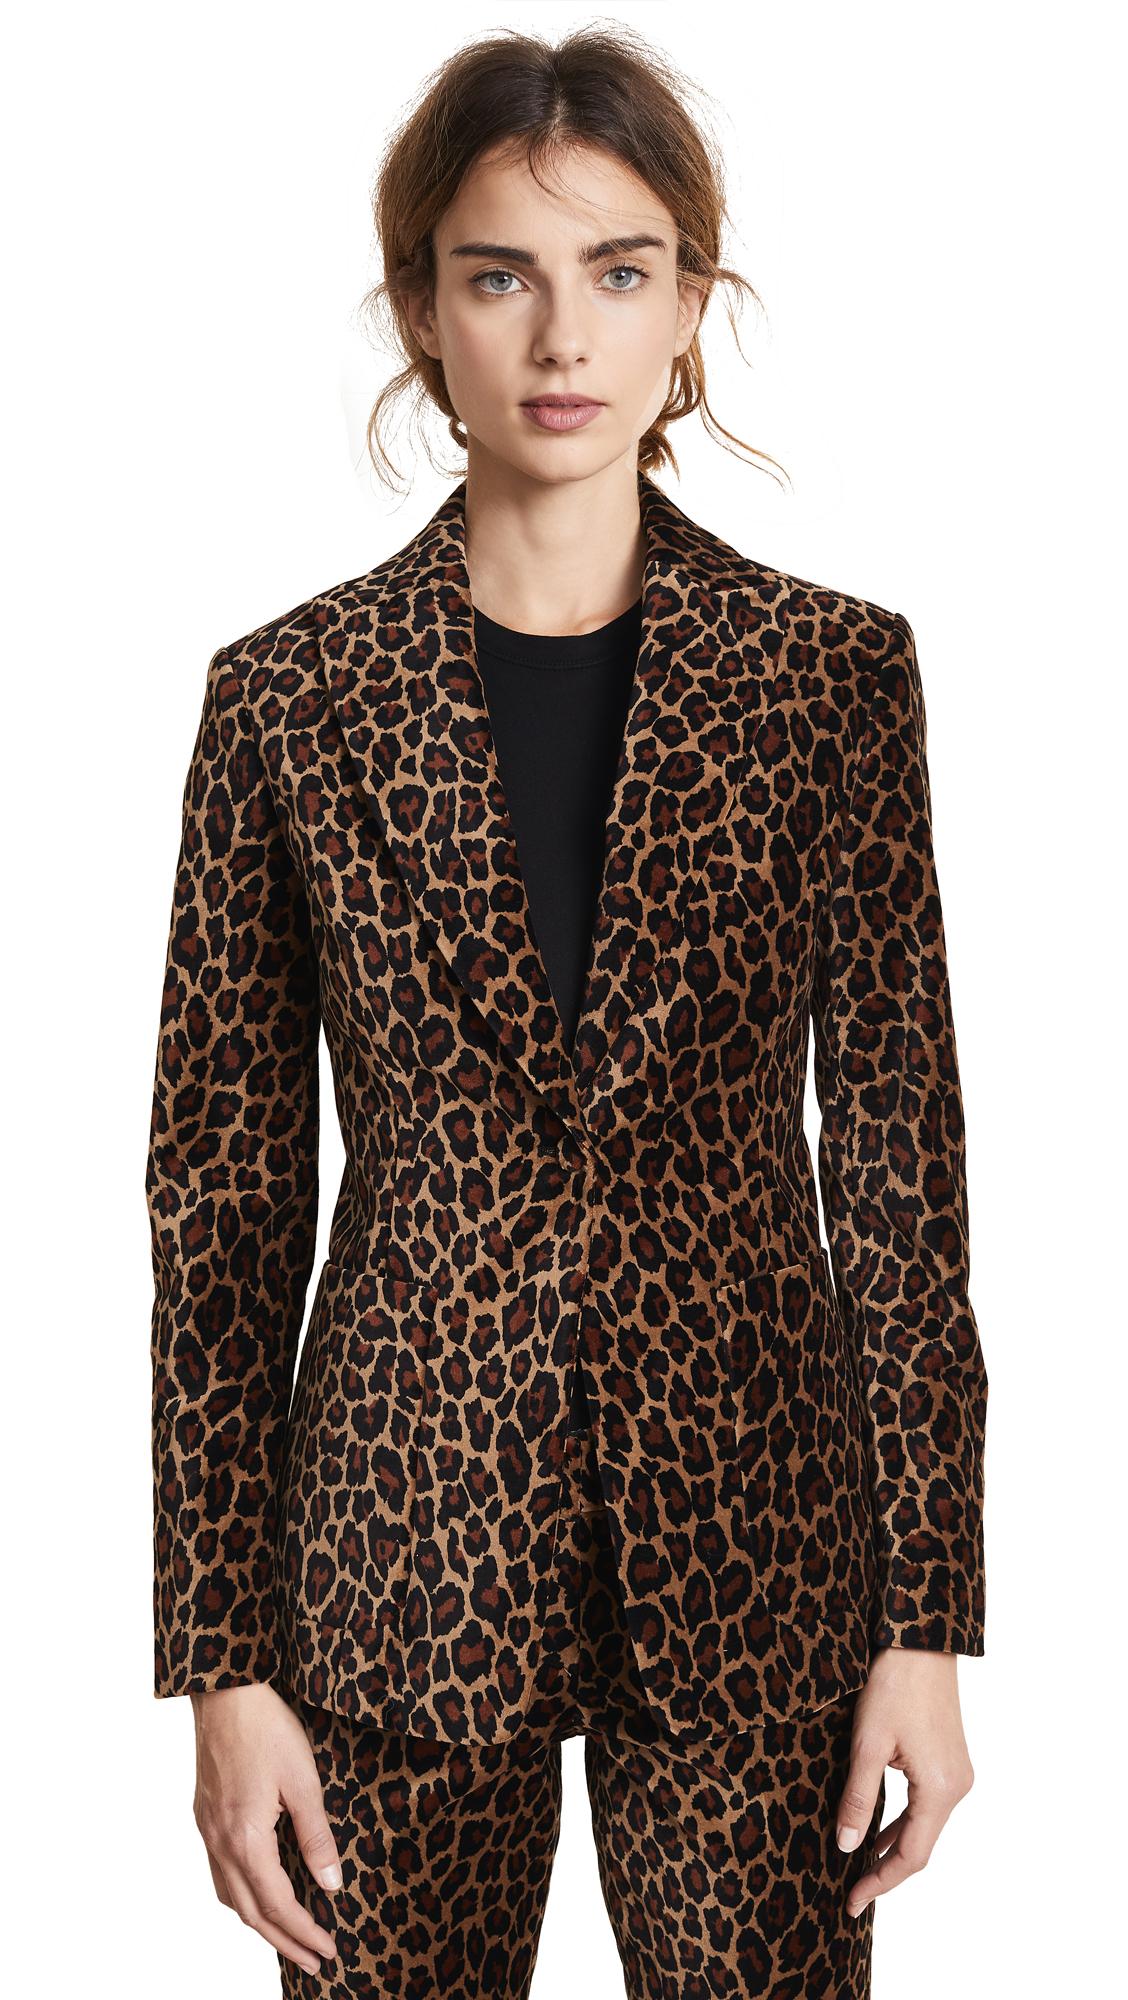 Mercer Leopard-Print Velvet Blazer Size 12 in Natural